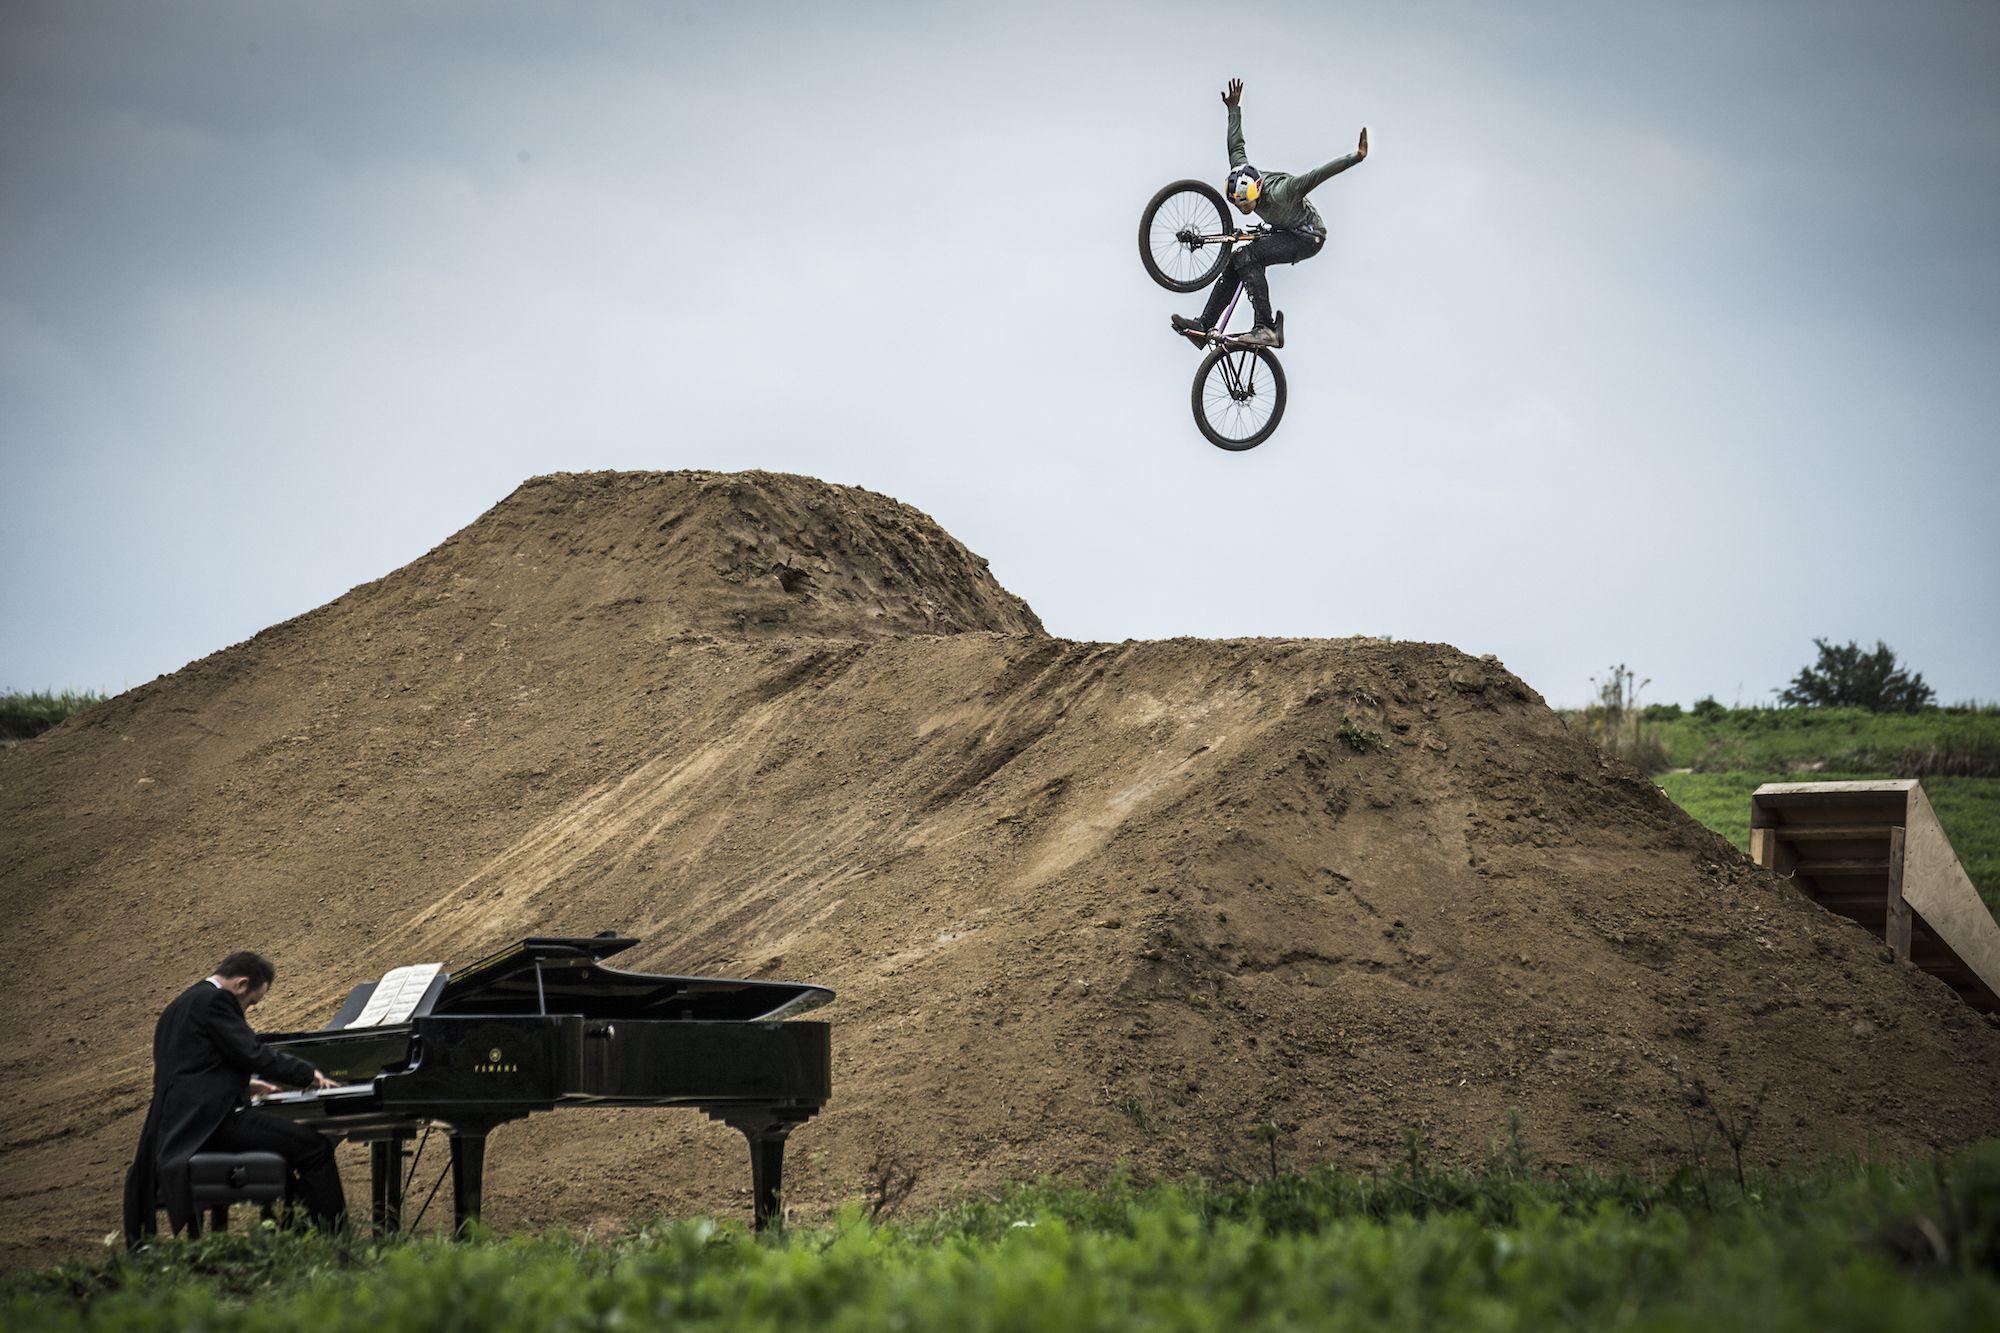 Dawid i Szymon Godziek Piano Ride